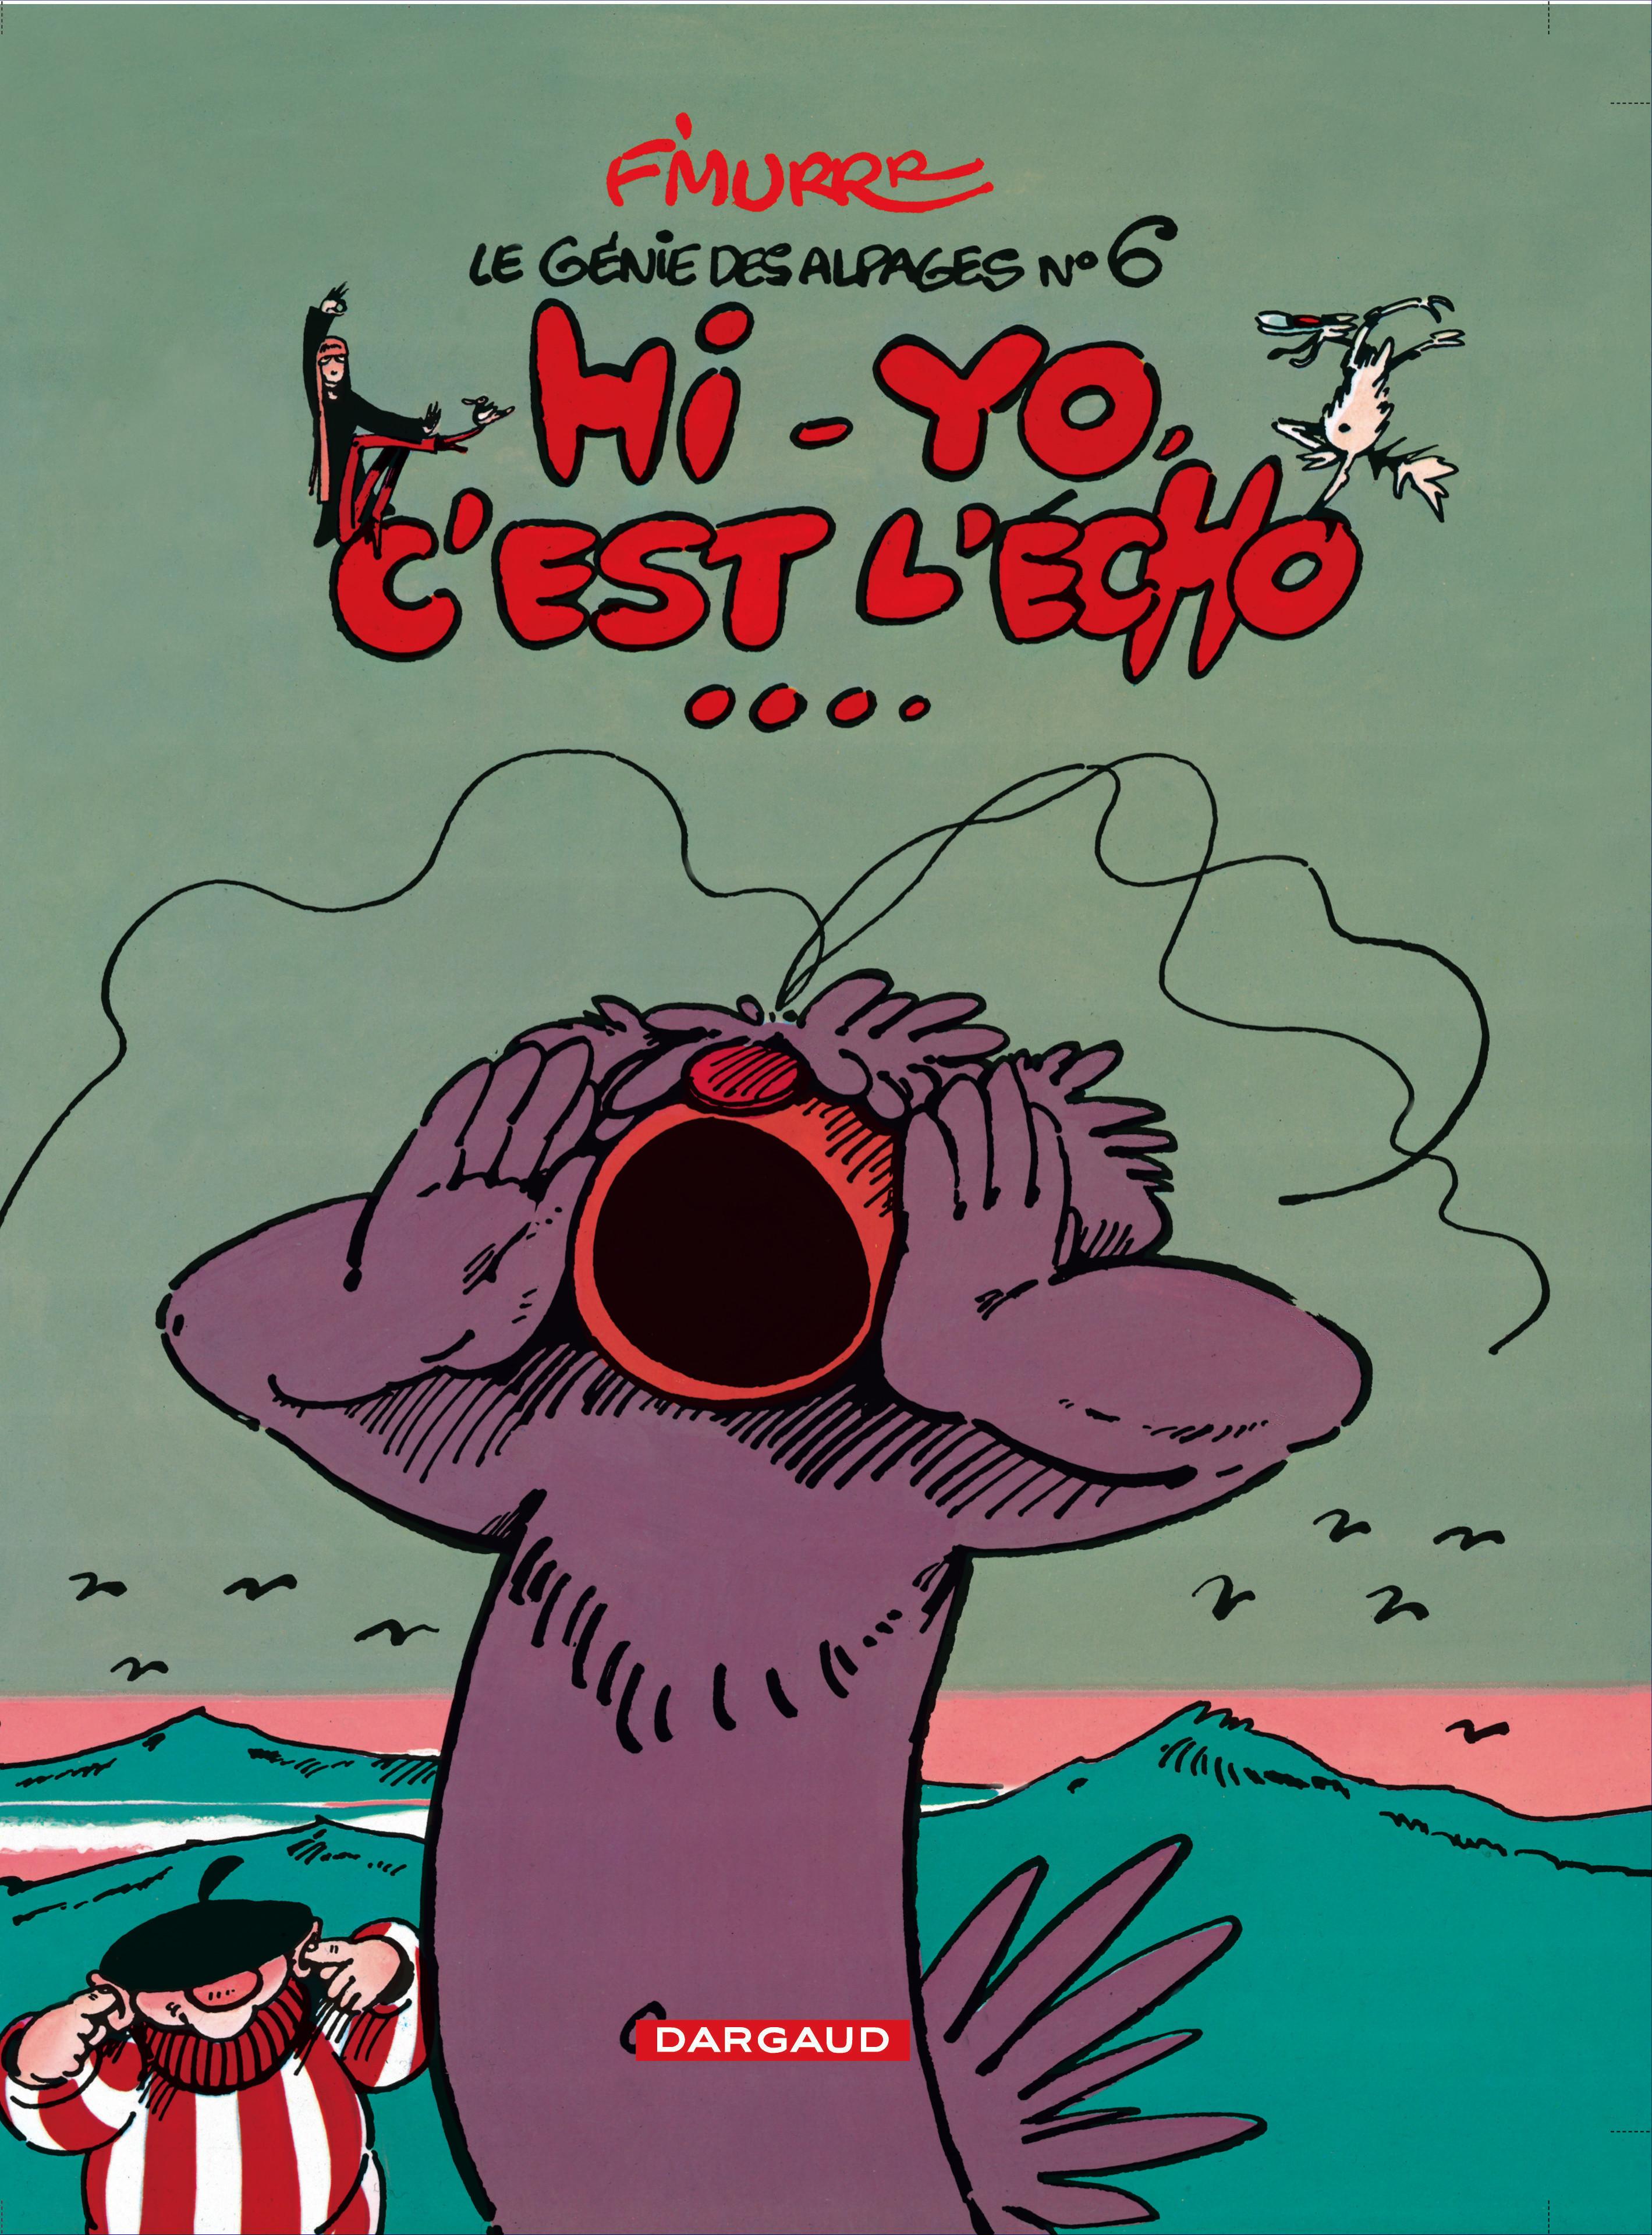 LE GENIE DES ALPAGES T6 HI-YO C'EST L'ECHO